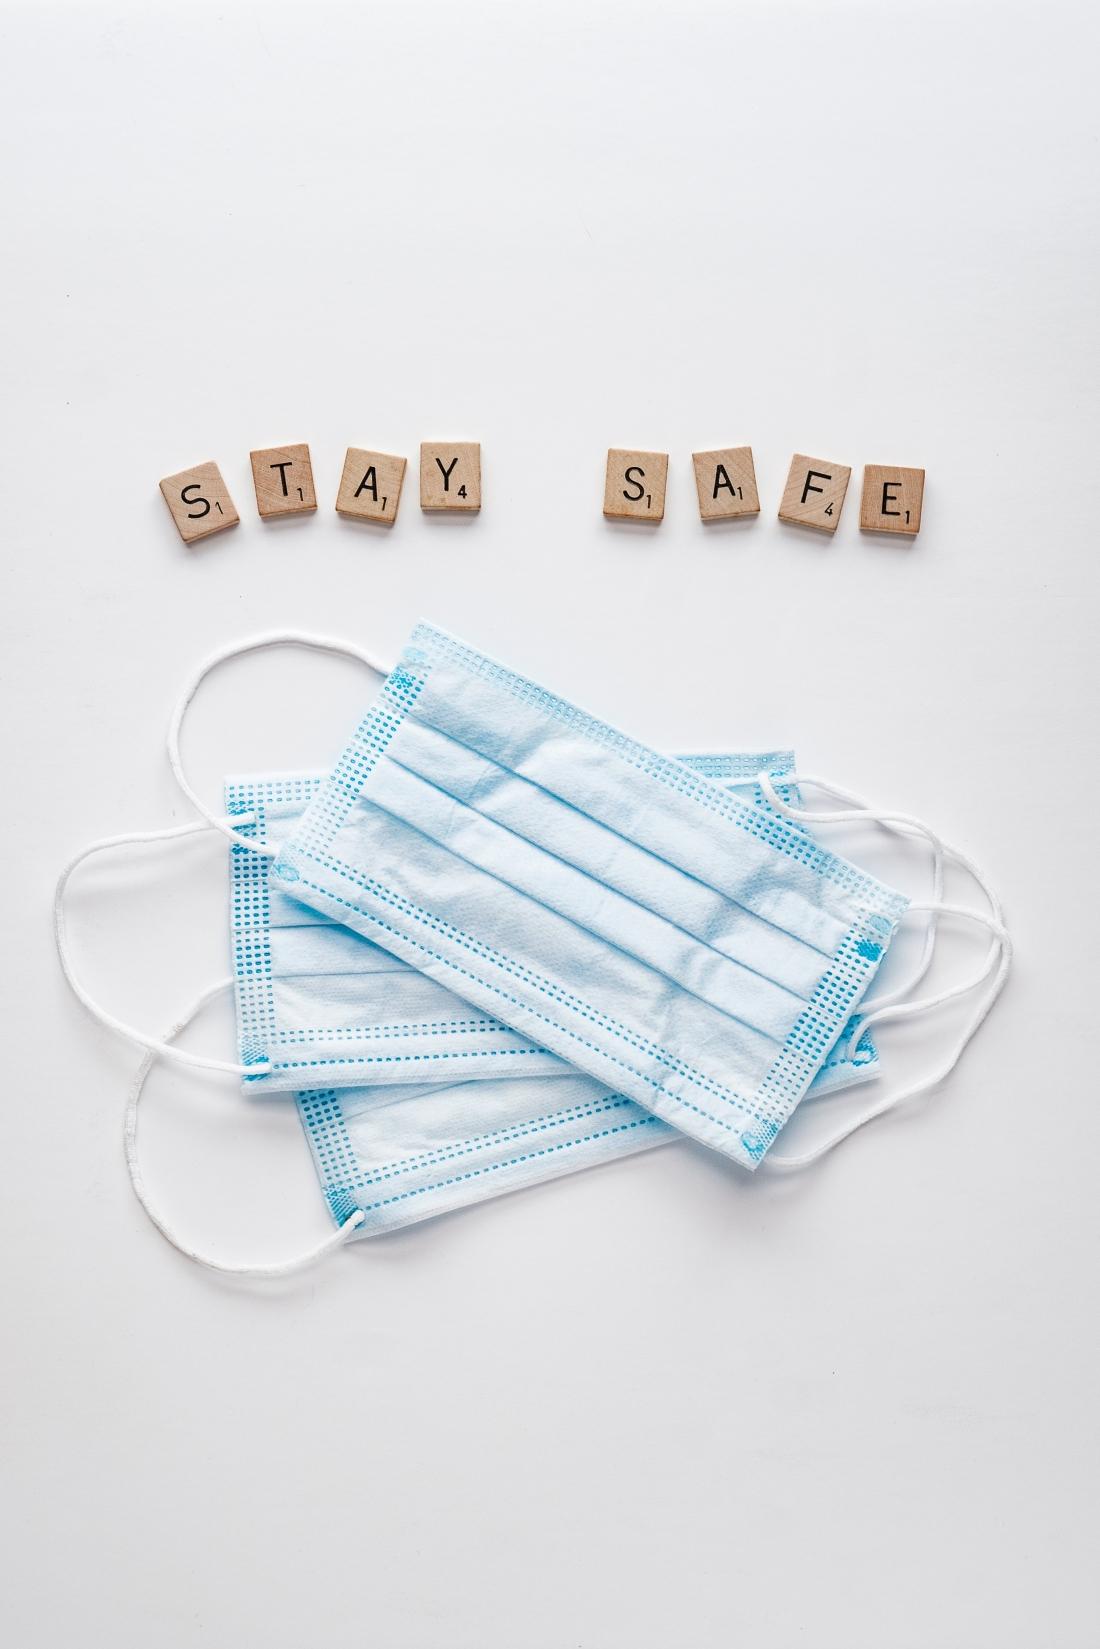 Mundschutz - Abstand - Hygiene